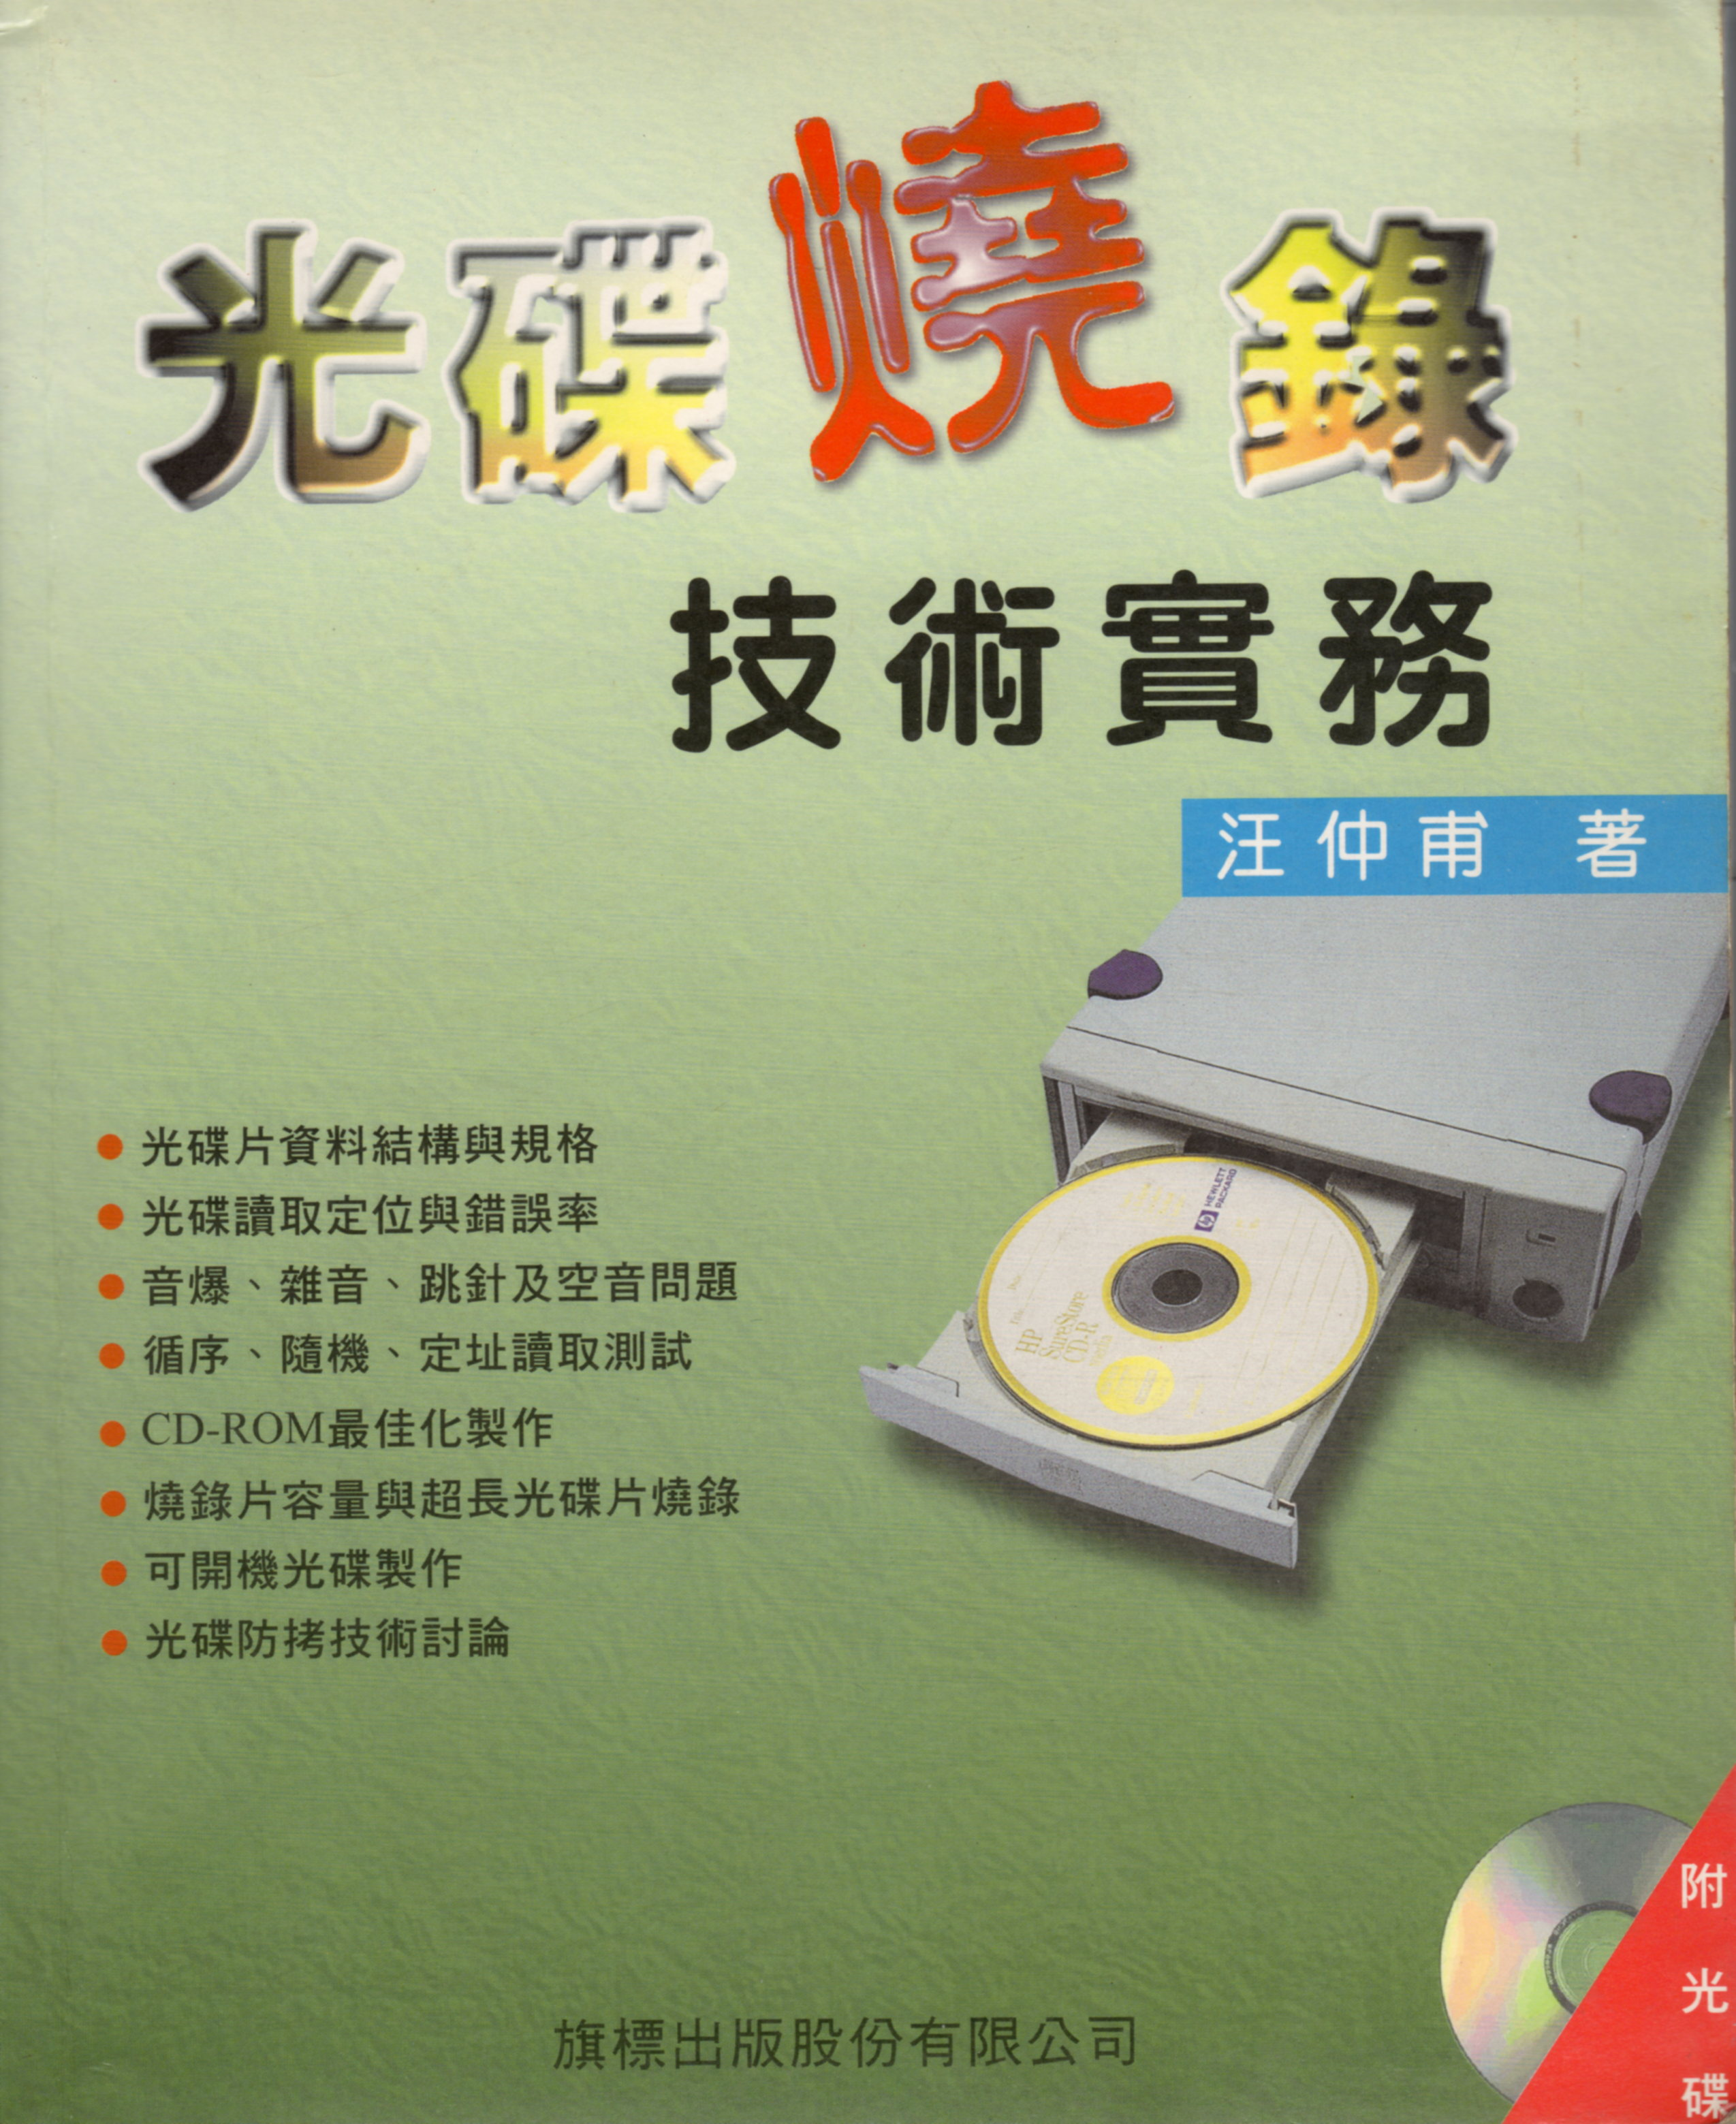 光碟燒錄技術實務